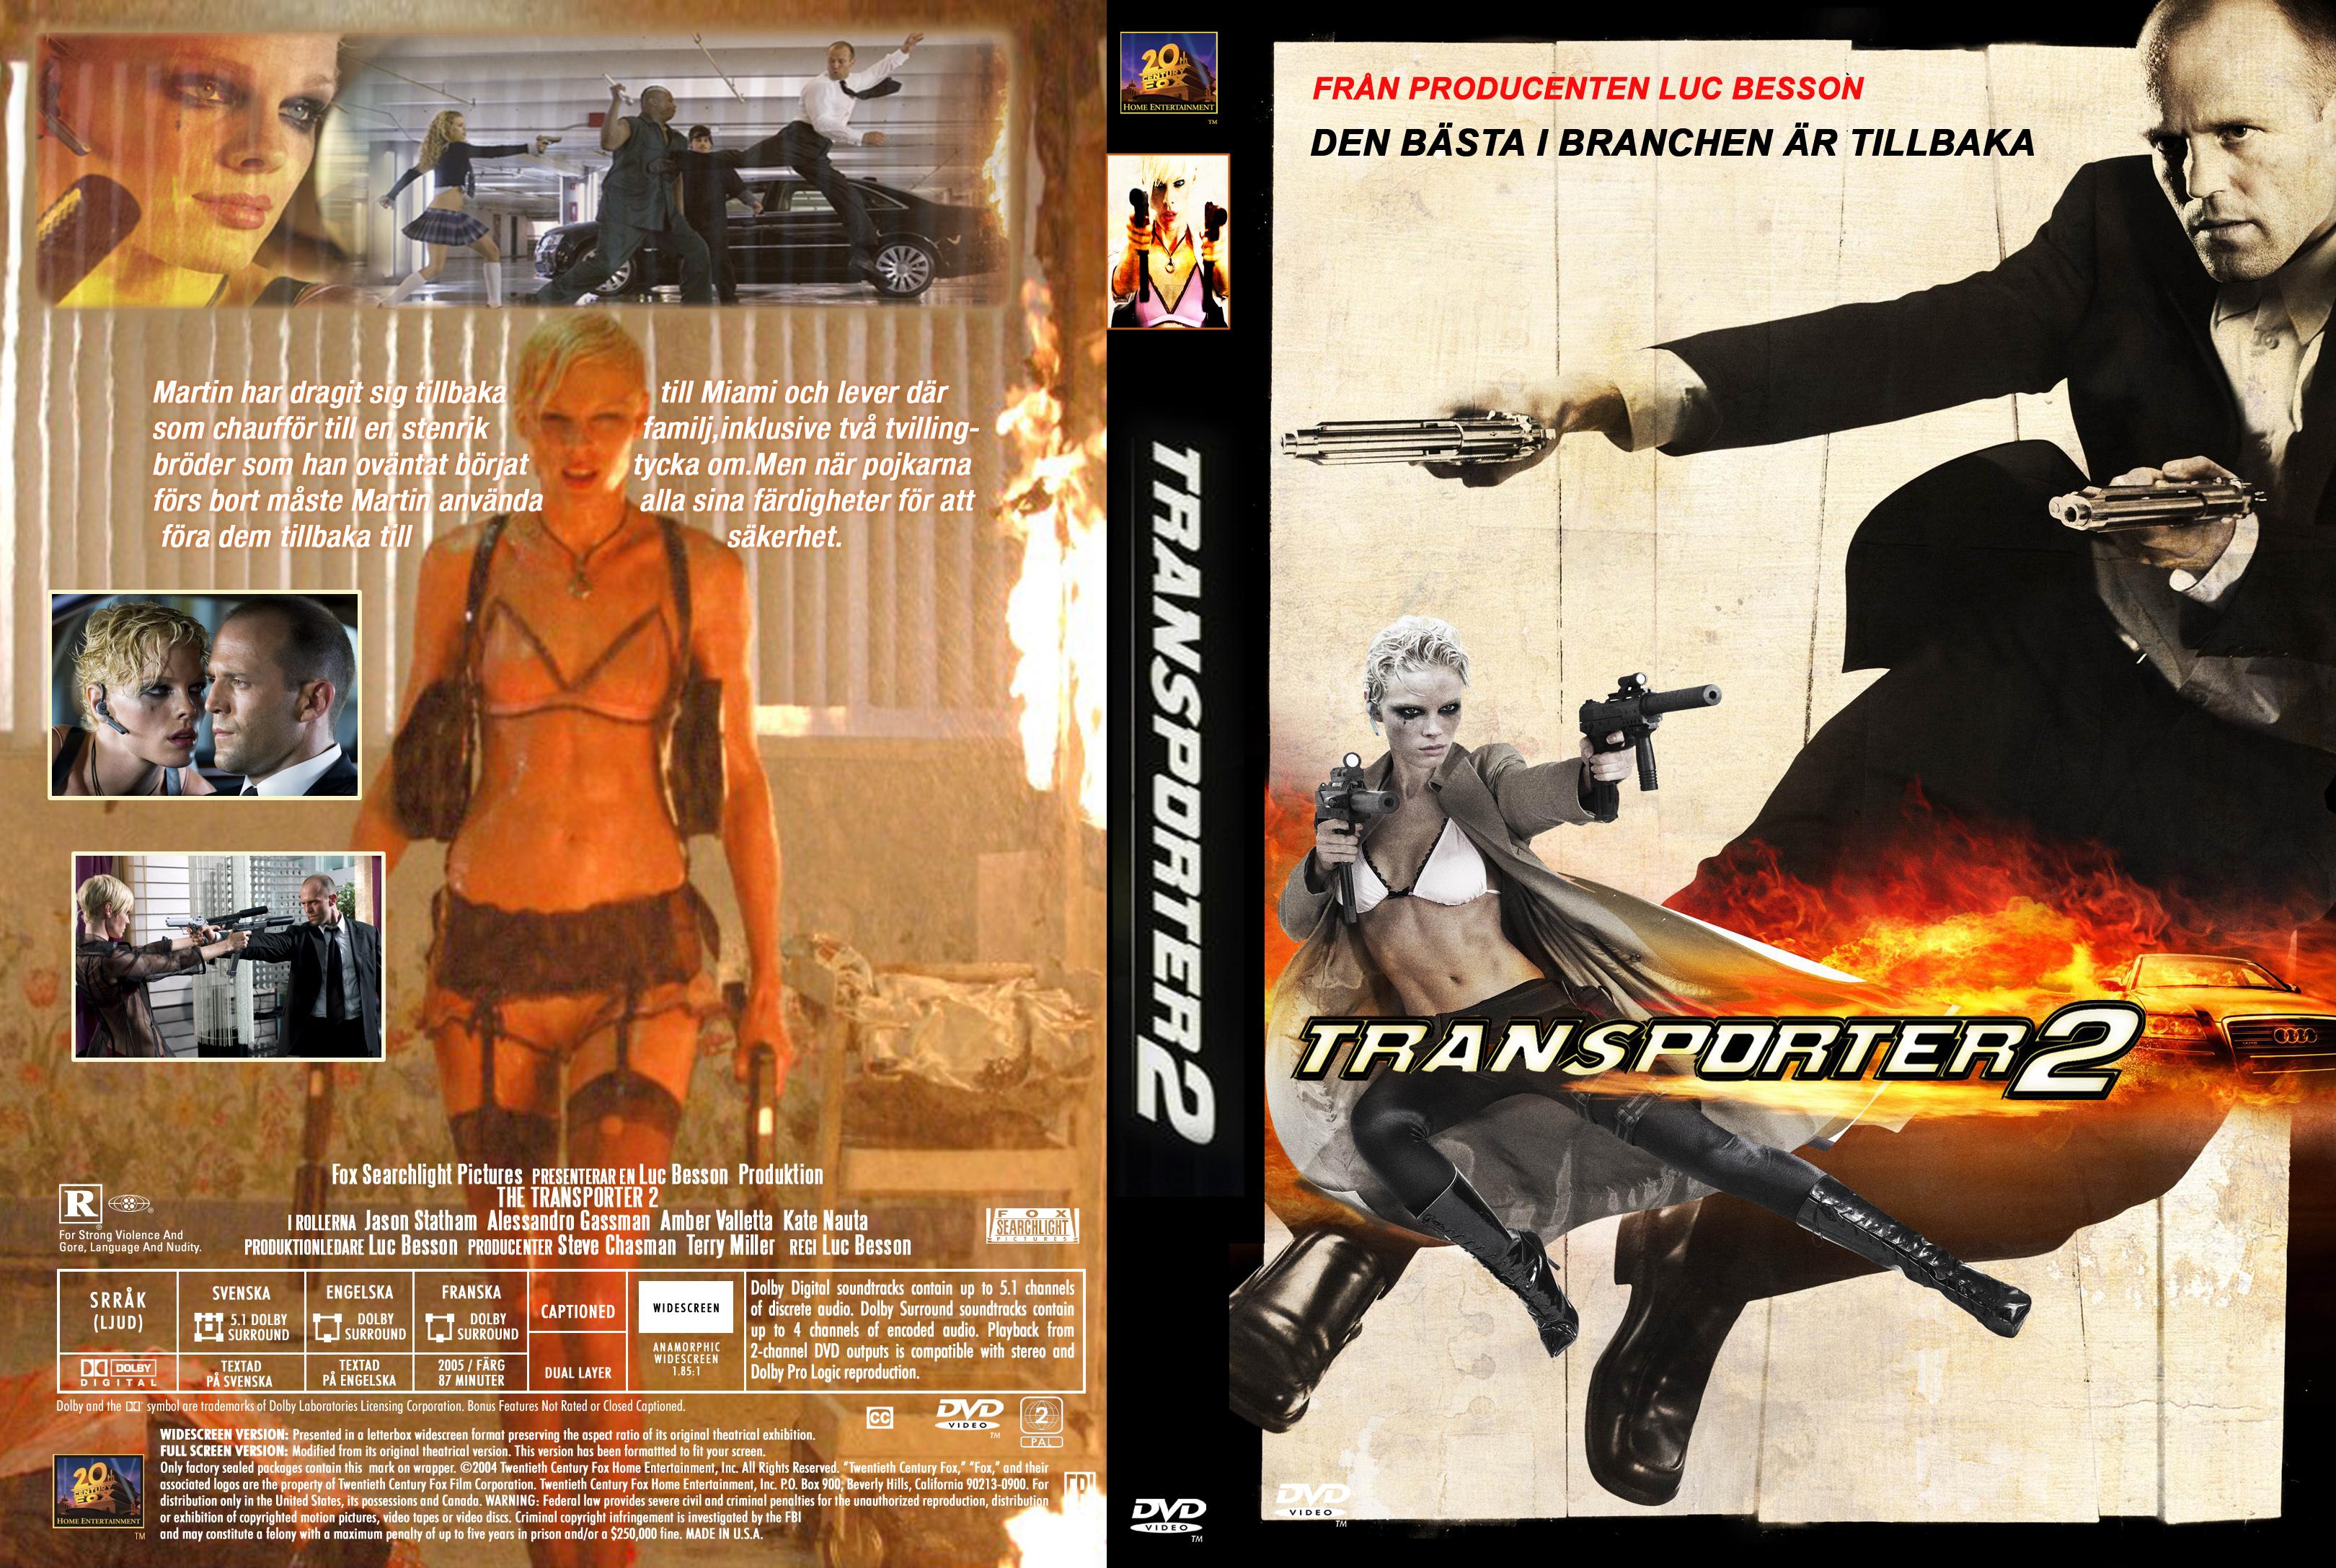 Transporter 2 - Movie DVD Custom Covers - Transporter 2 ... |Transporter 2 Dvd Cover